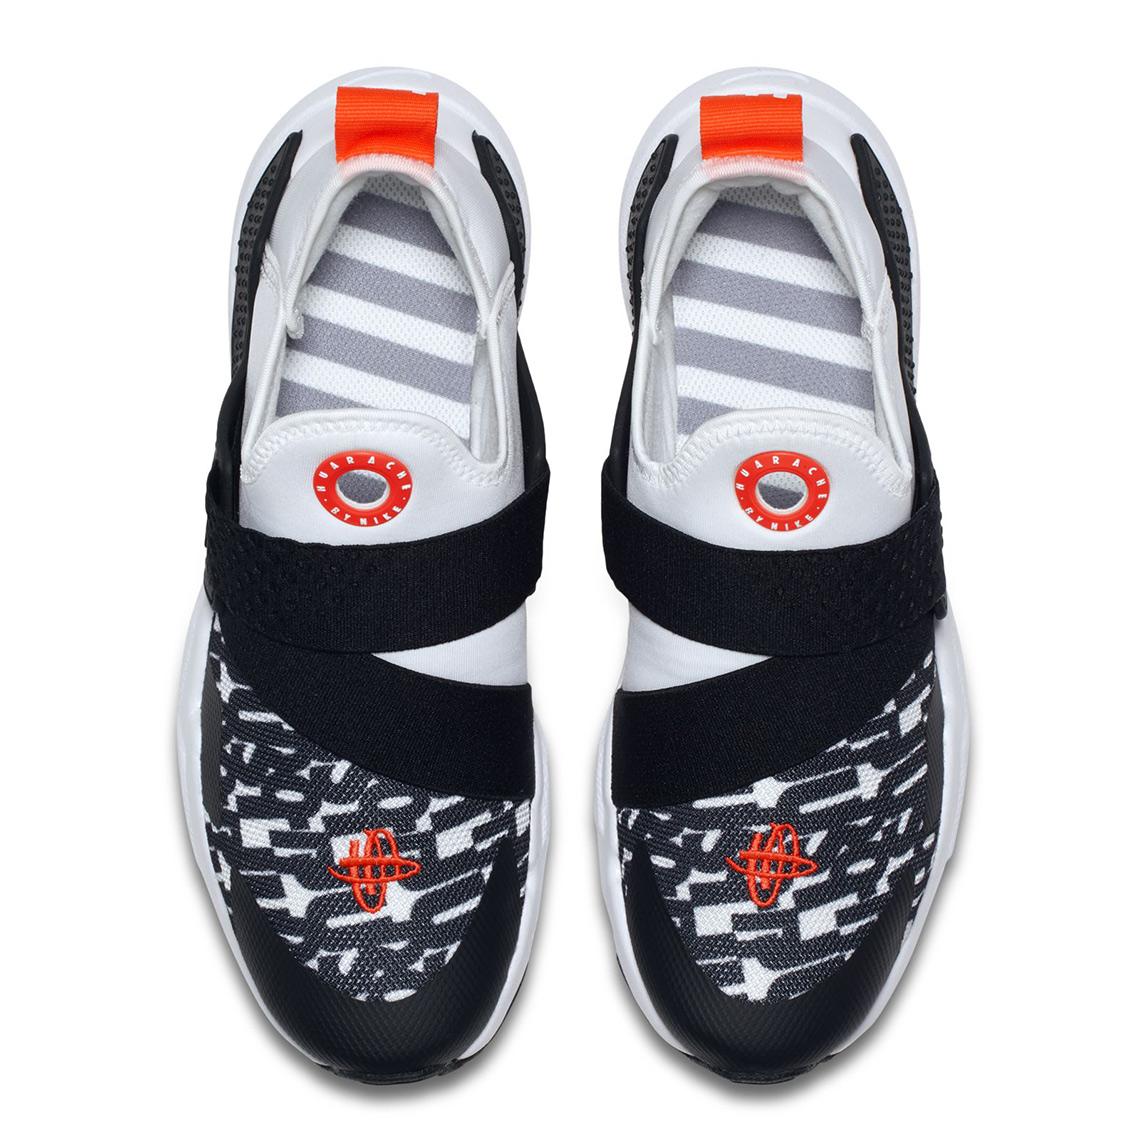 73a3fa66d5e8 Nike Sportswear Just Do It Pack Kids Release Info